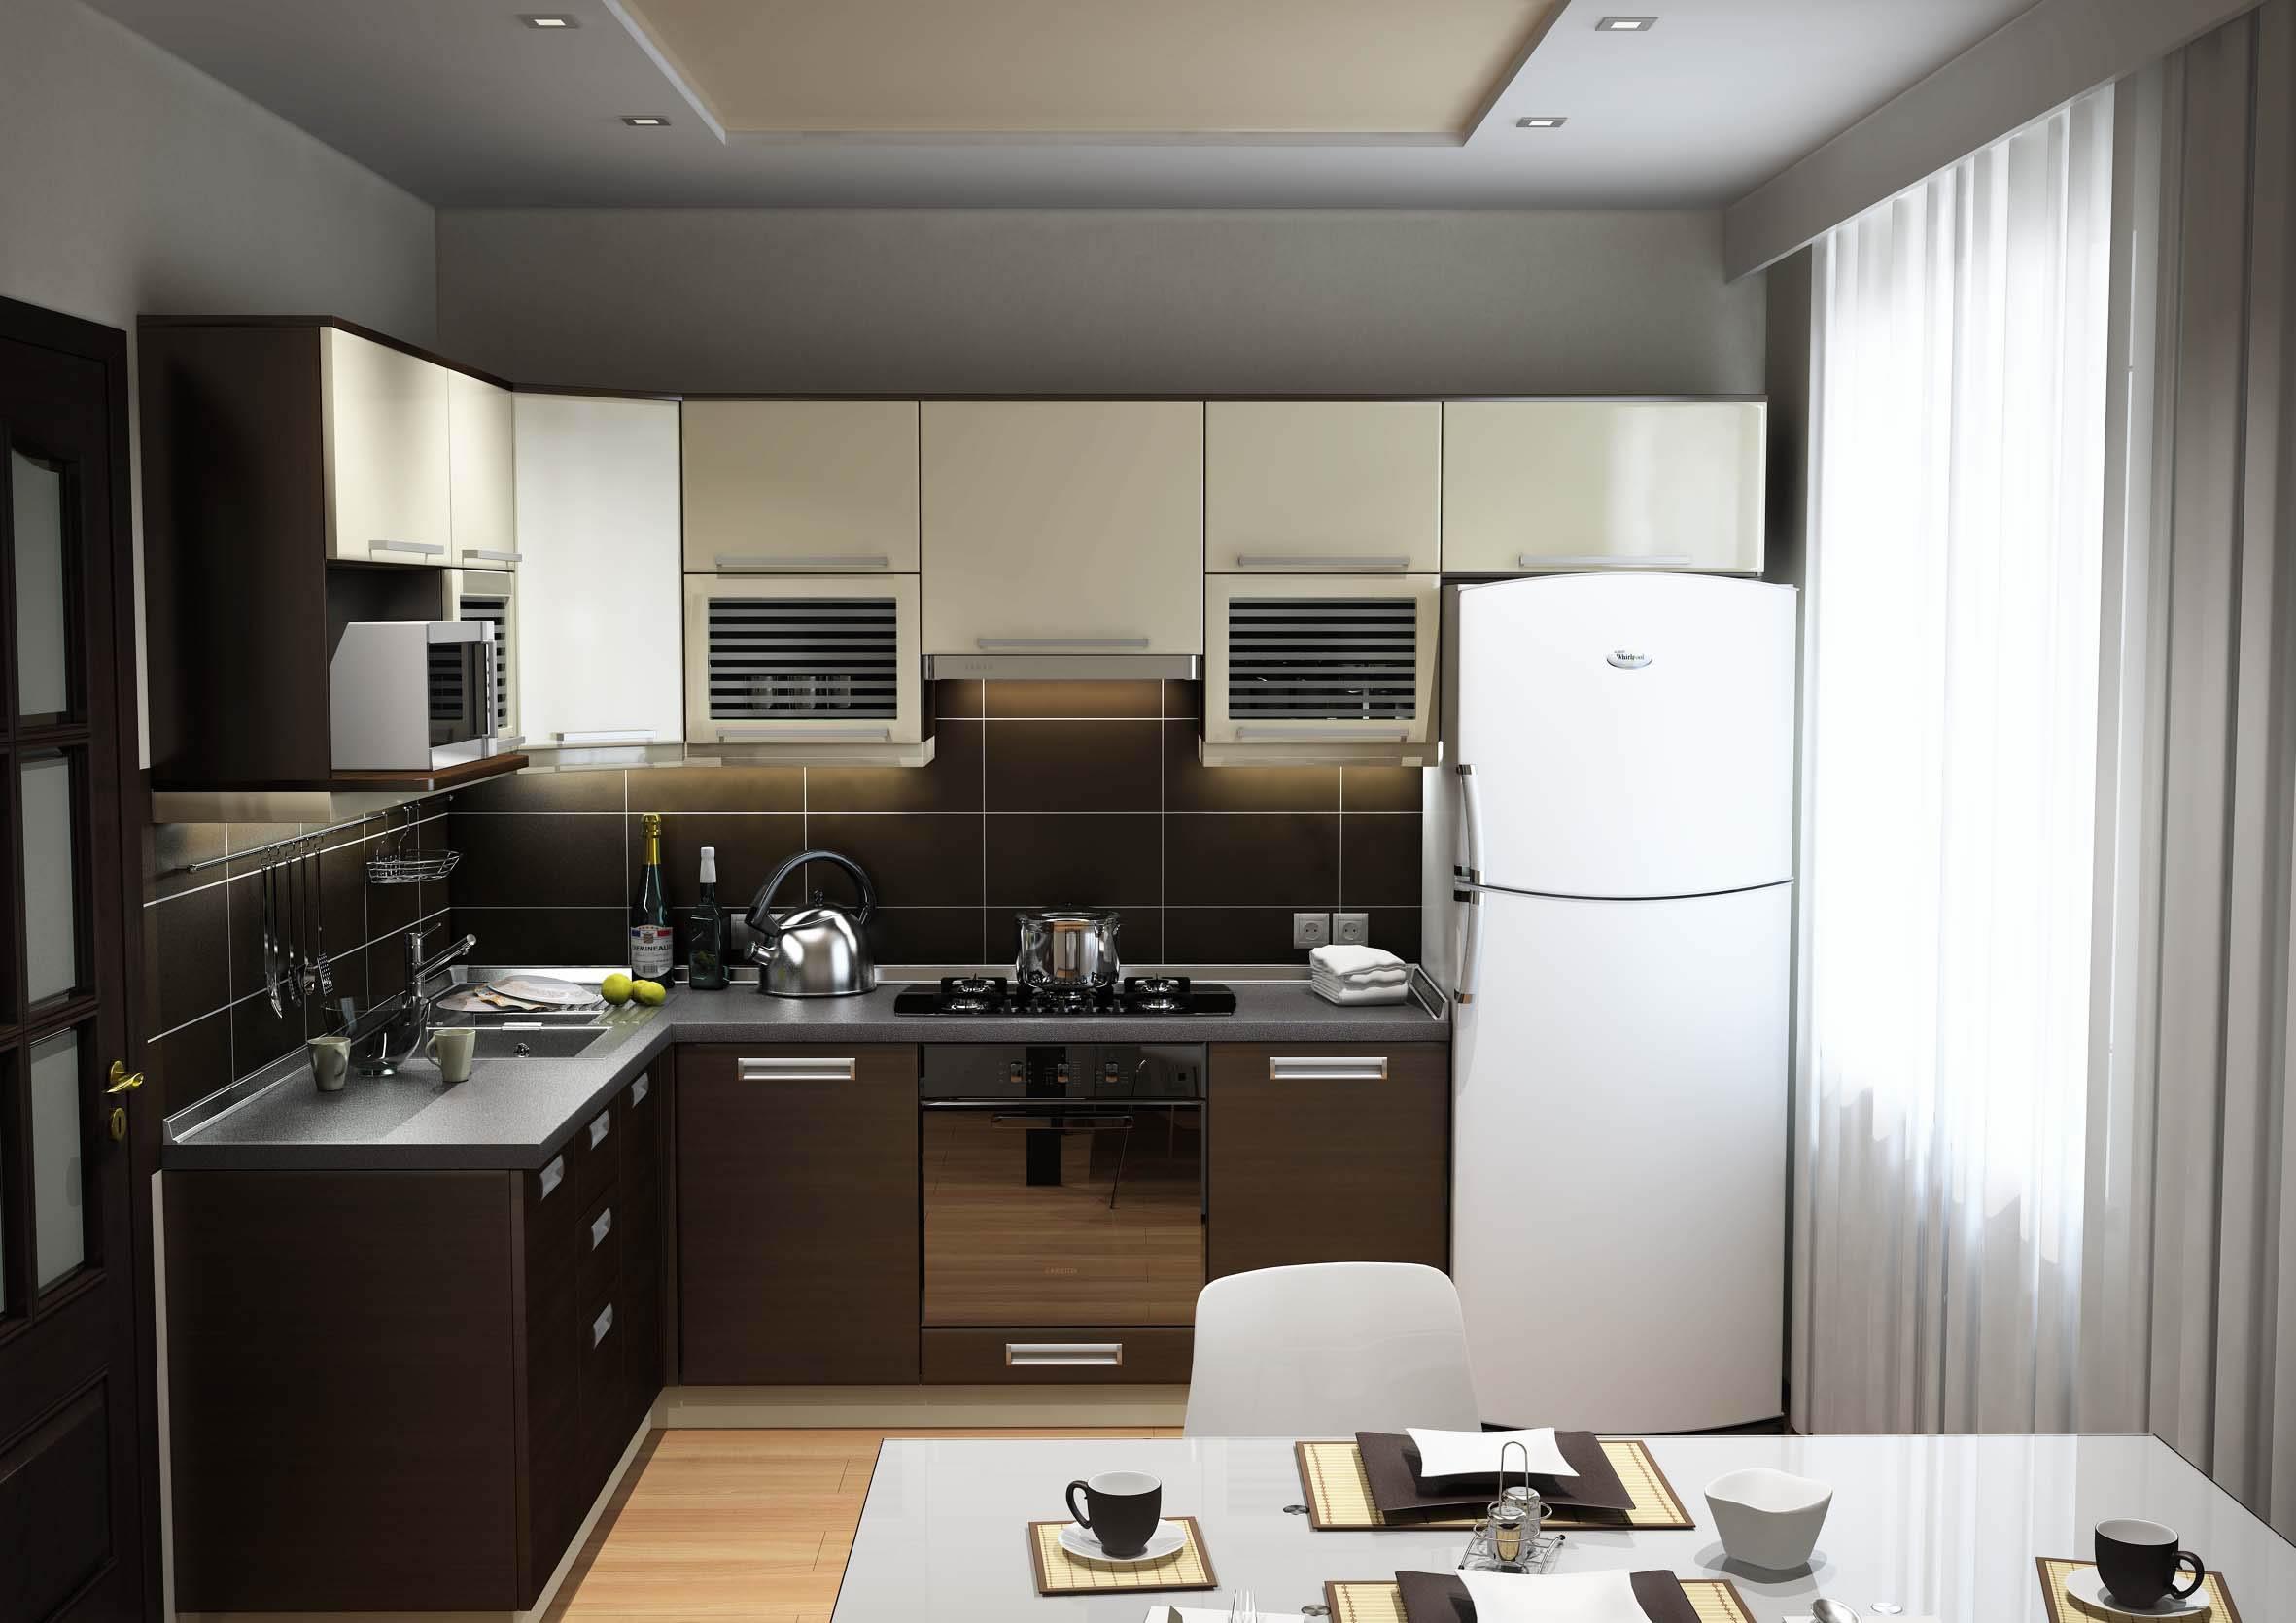 Mutfak iç cam. Apartmandaki alanı arttırmak için teknikler